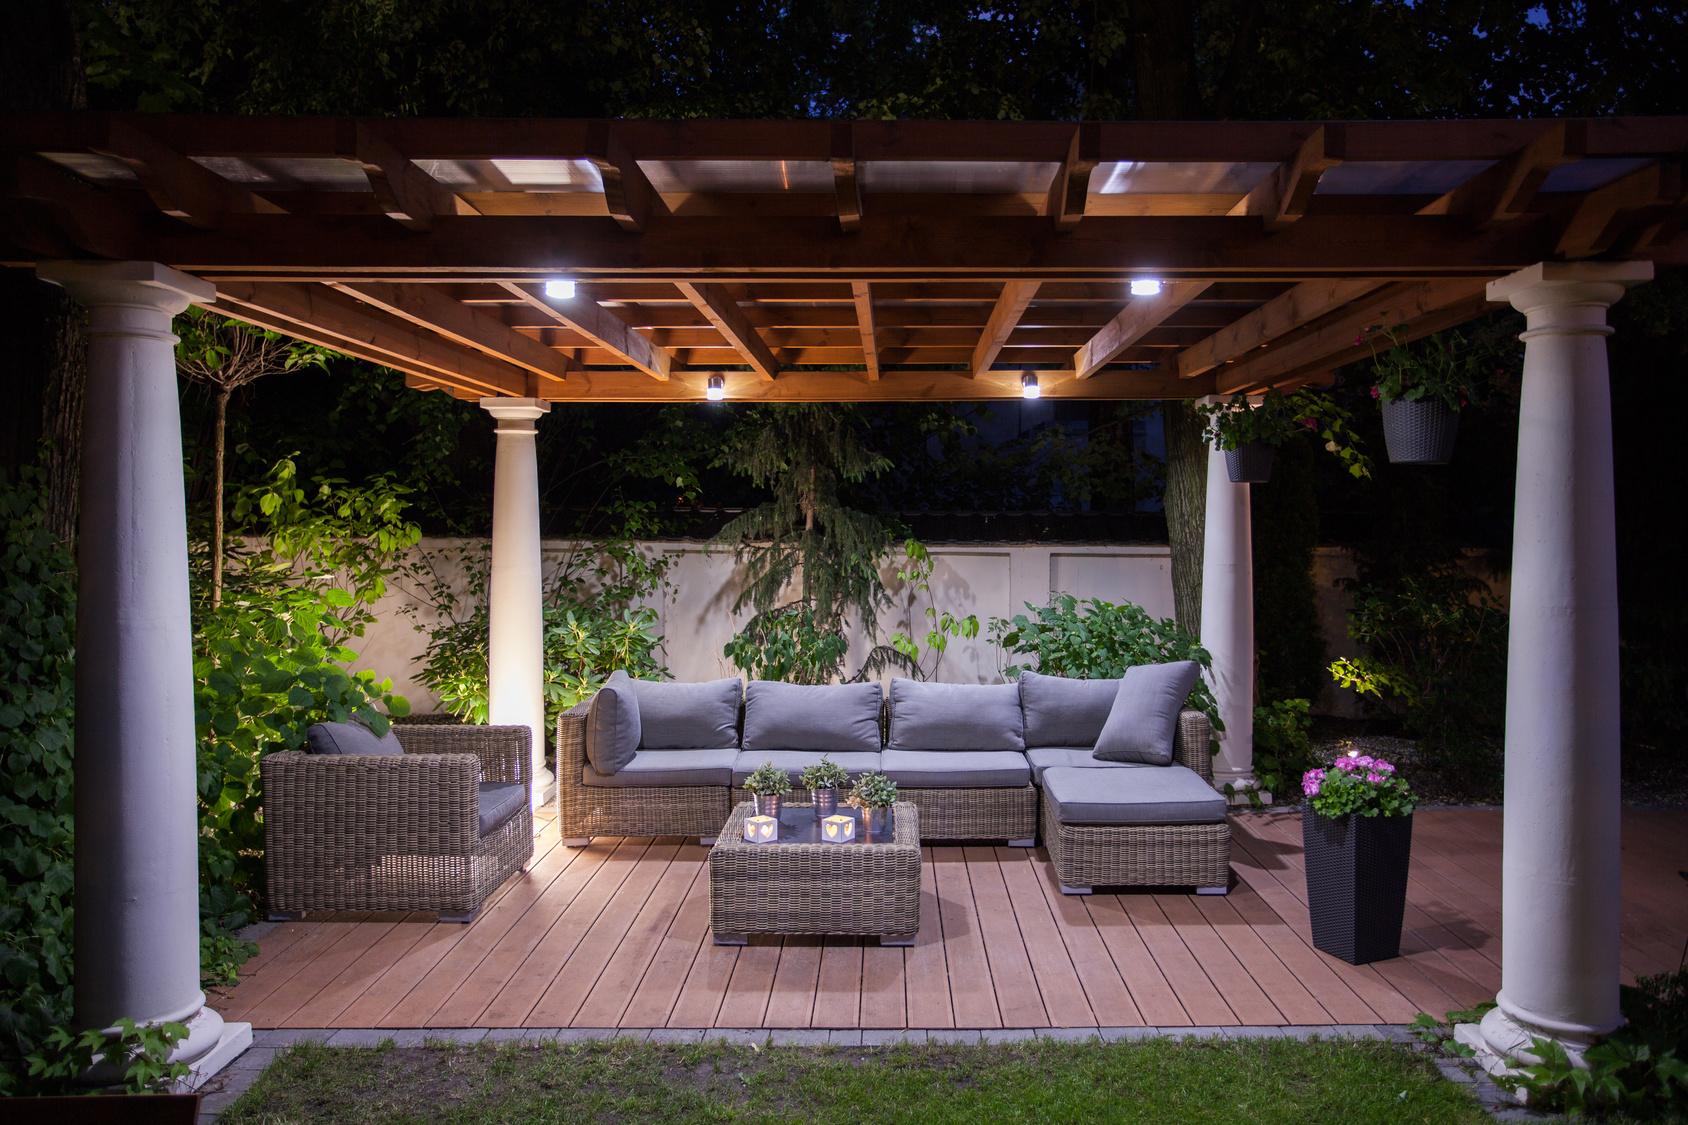 Transformation und dekorieren Sie Ihren Garten in Traumlage!